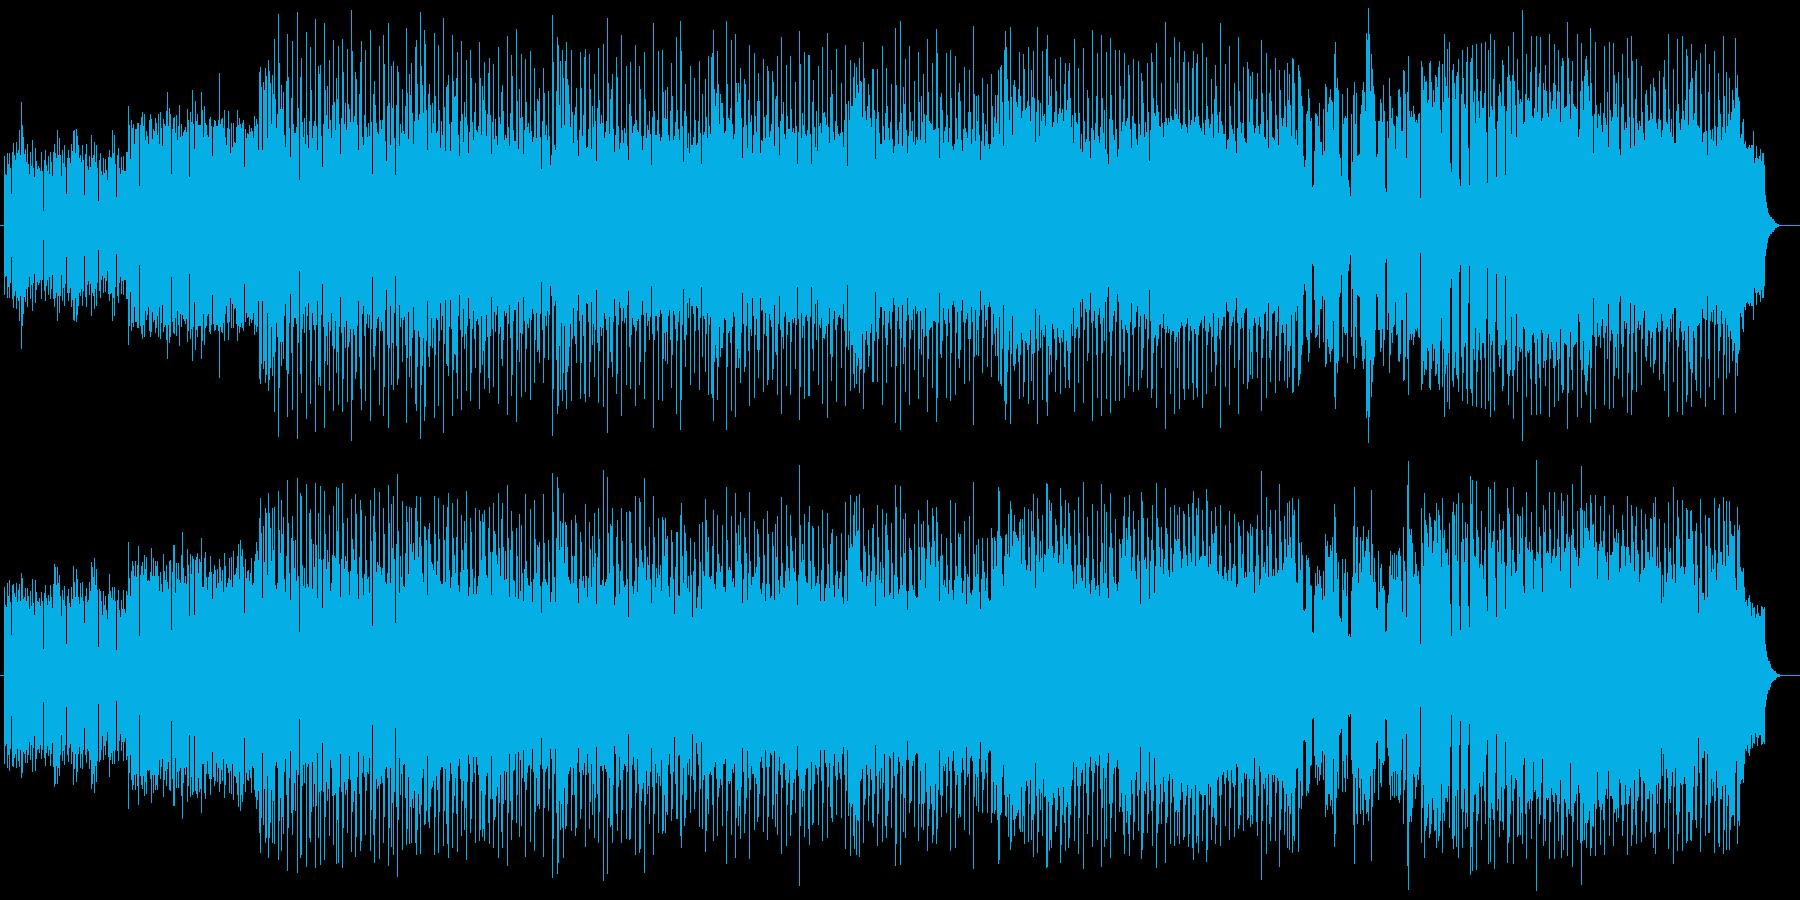 明るく楽しげな管楽器シンセサウンドの再生済みの波形